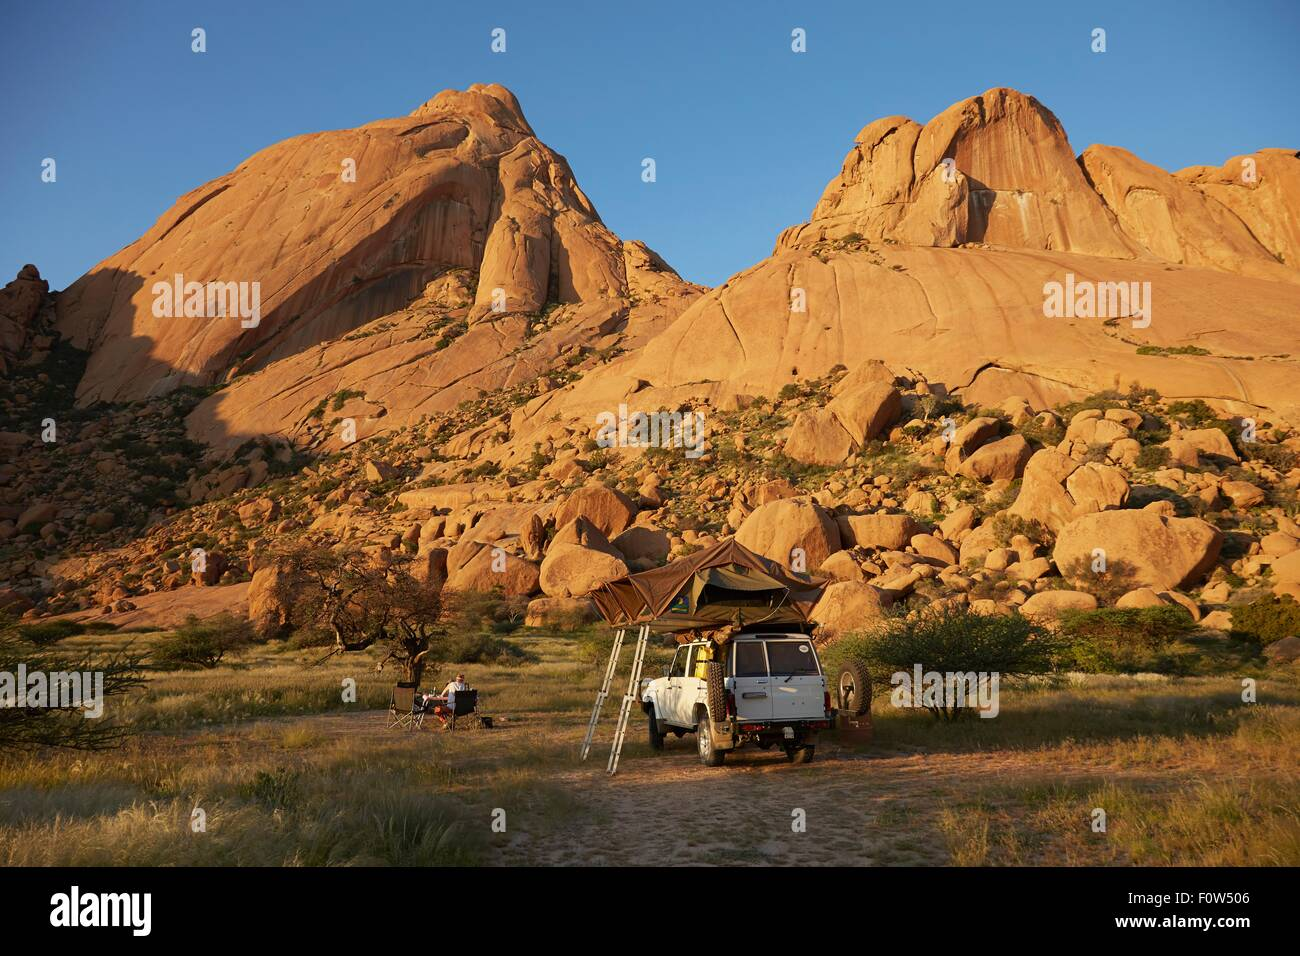 Geländewagen mit Schlafzelte obenauf, Swakopmund, Erongo, Namibia Stockbild